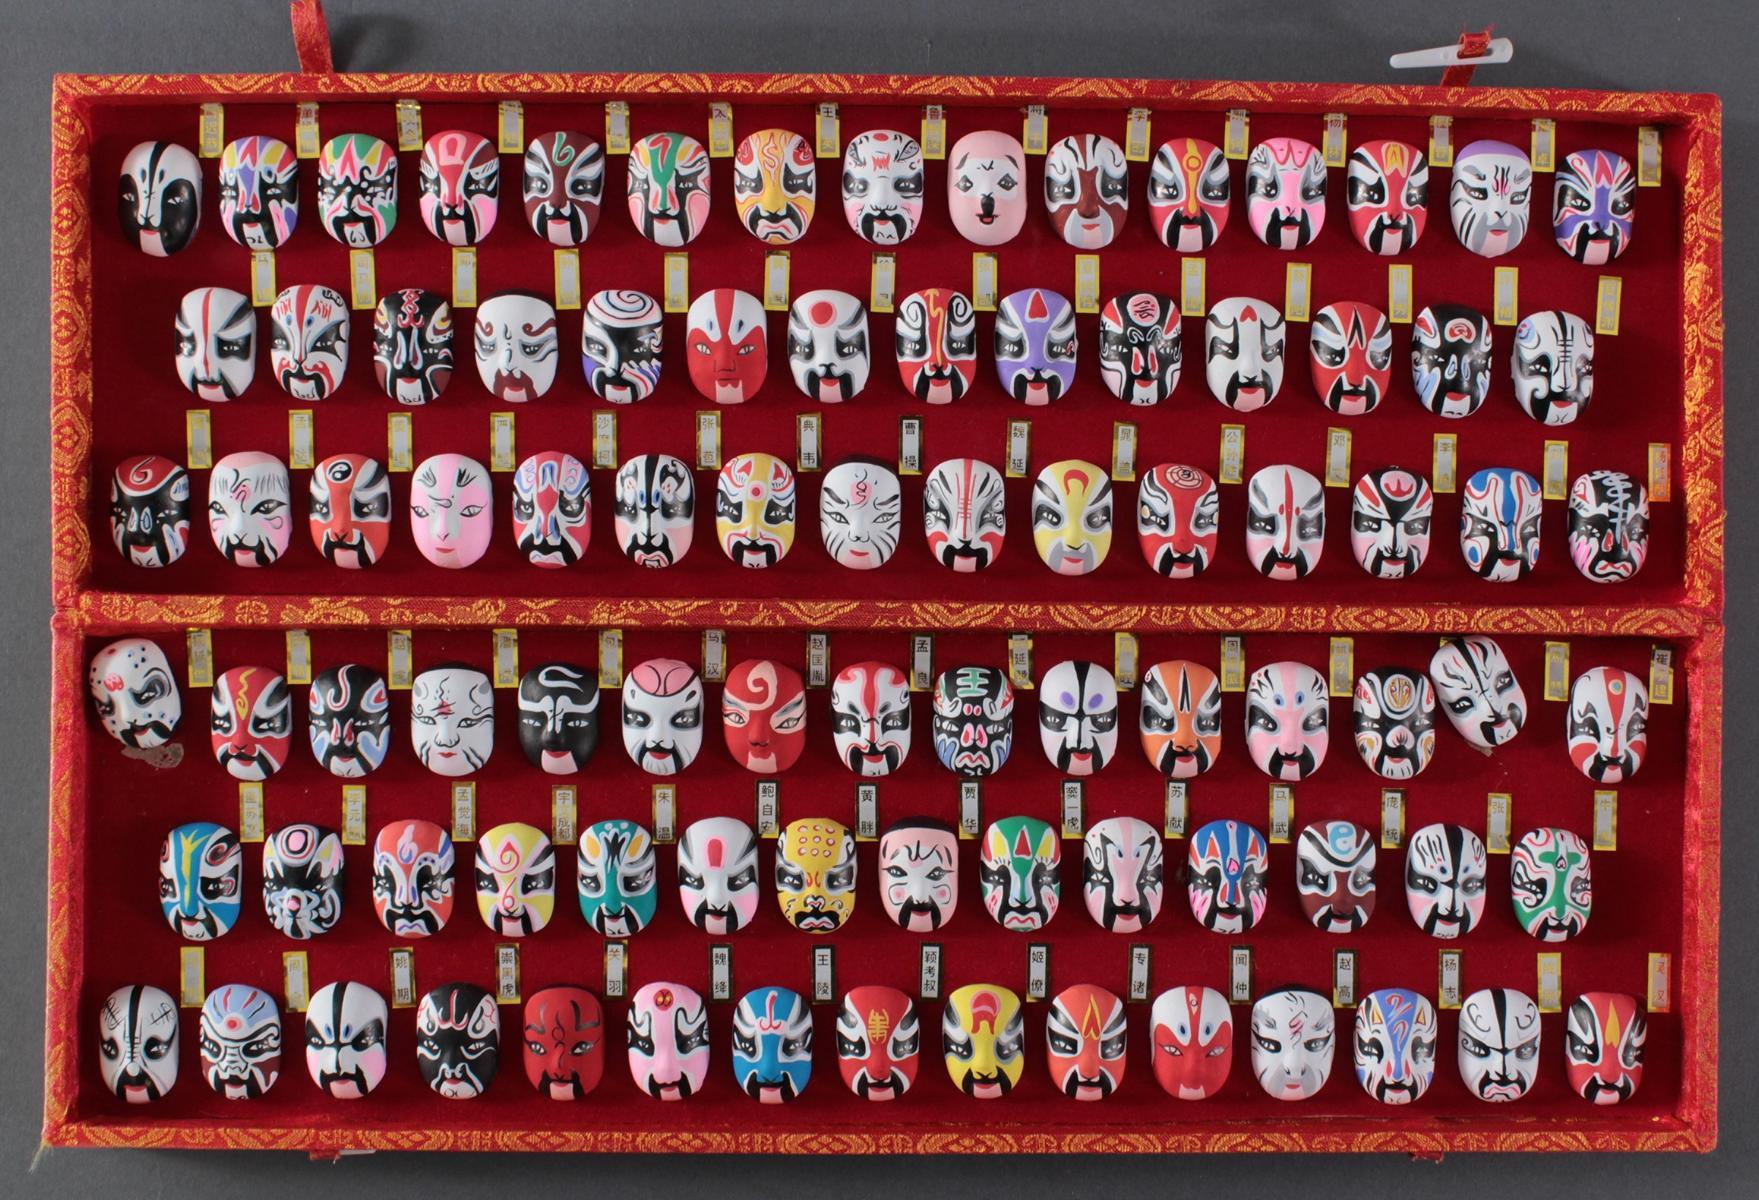 Traditionelle chinesische Miniaturmasken